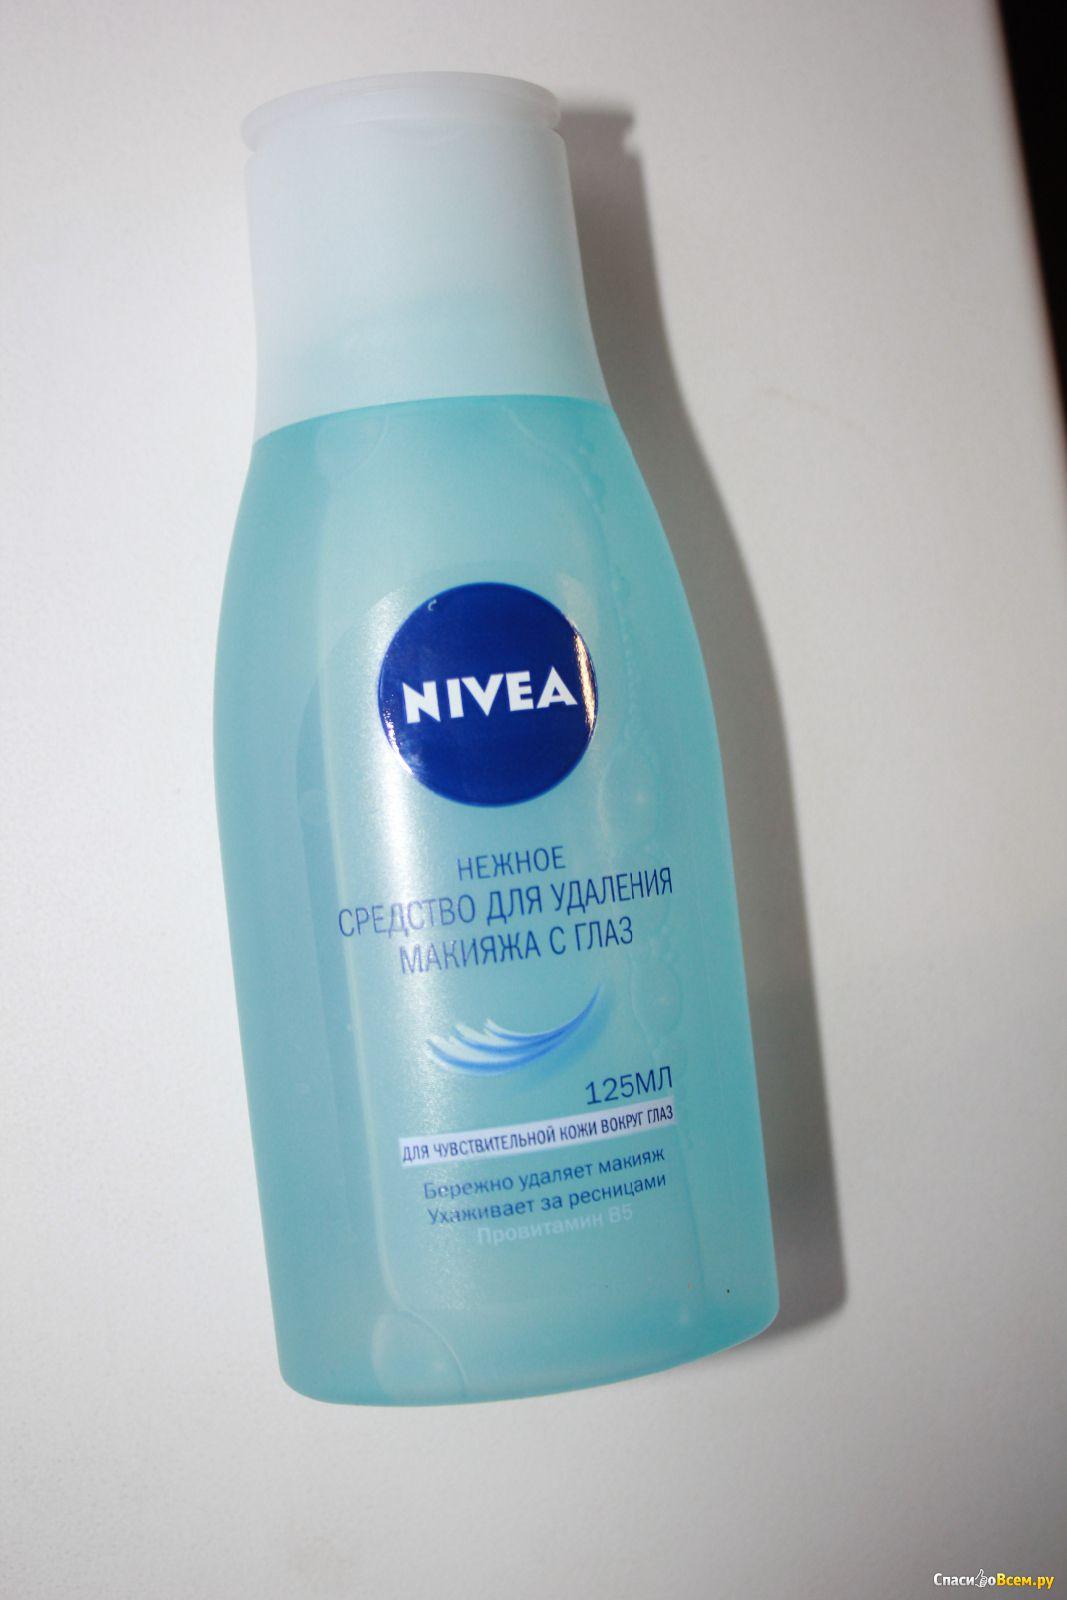 Nivea visage средство для удаления макияжа